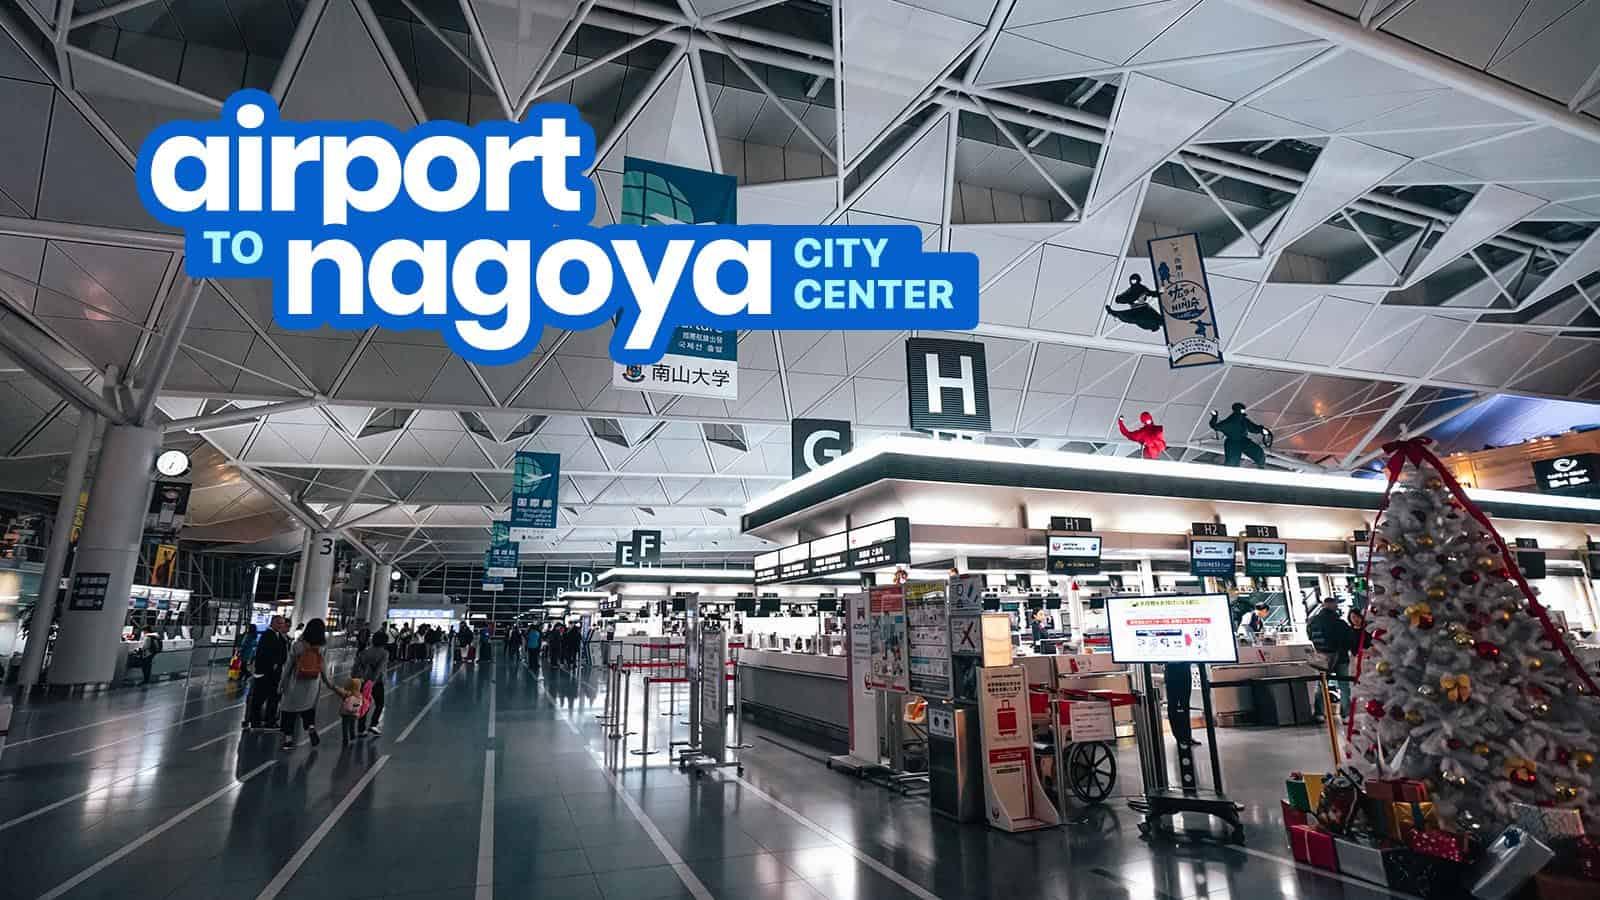 中部机场到名古屋或吉富市:坐巴士和火车   穷游者的行程博客